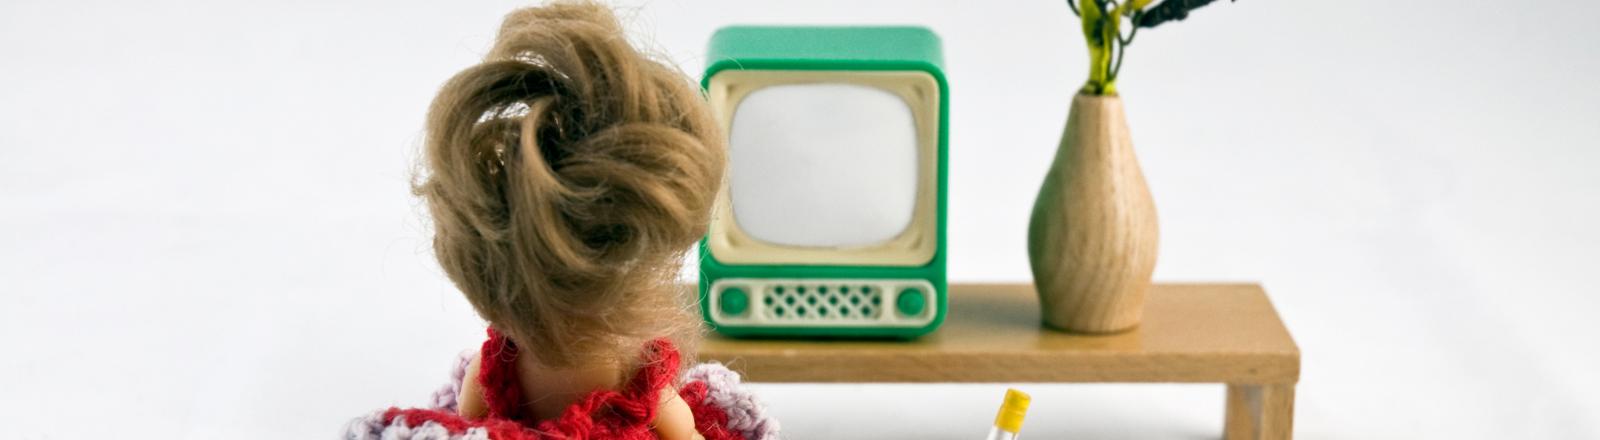 Eine Frau sitzt vor einem Fernseher und schaut Fernsehen.